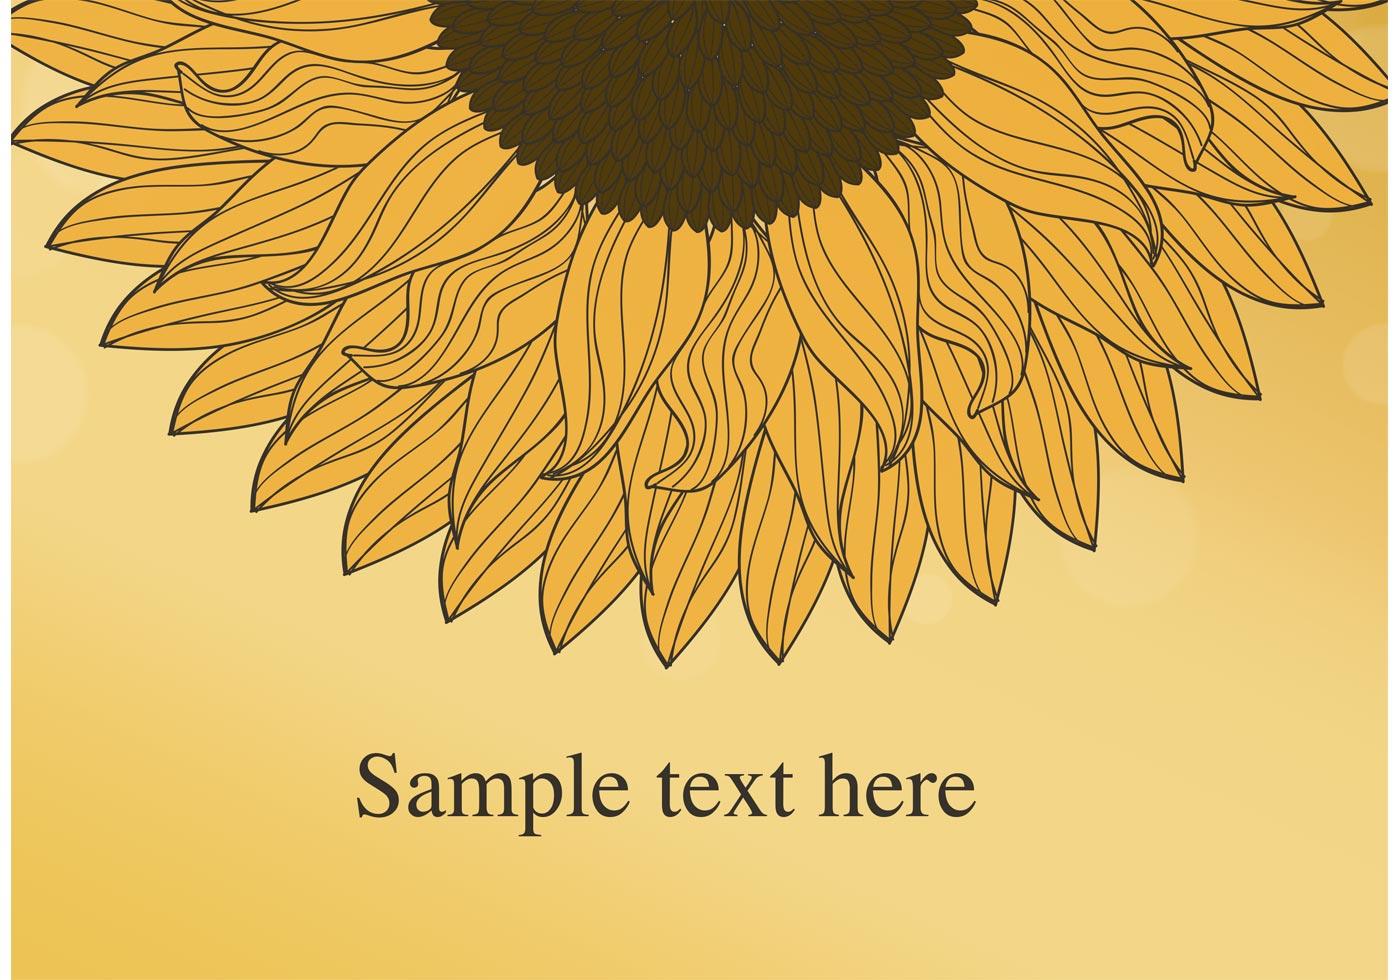 Sunflower Vector Background - Download Free Vectors ...